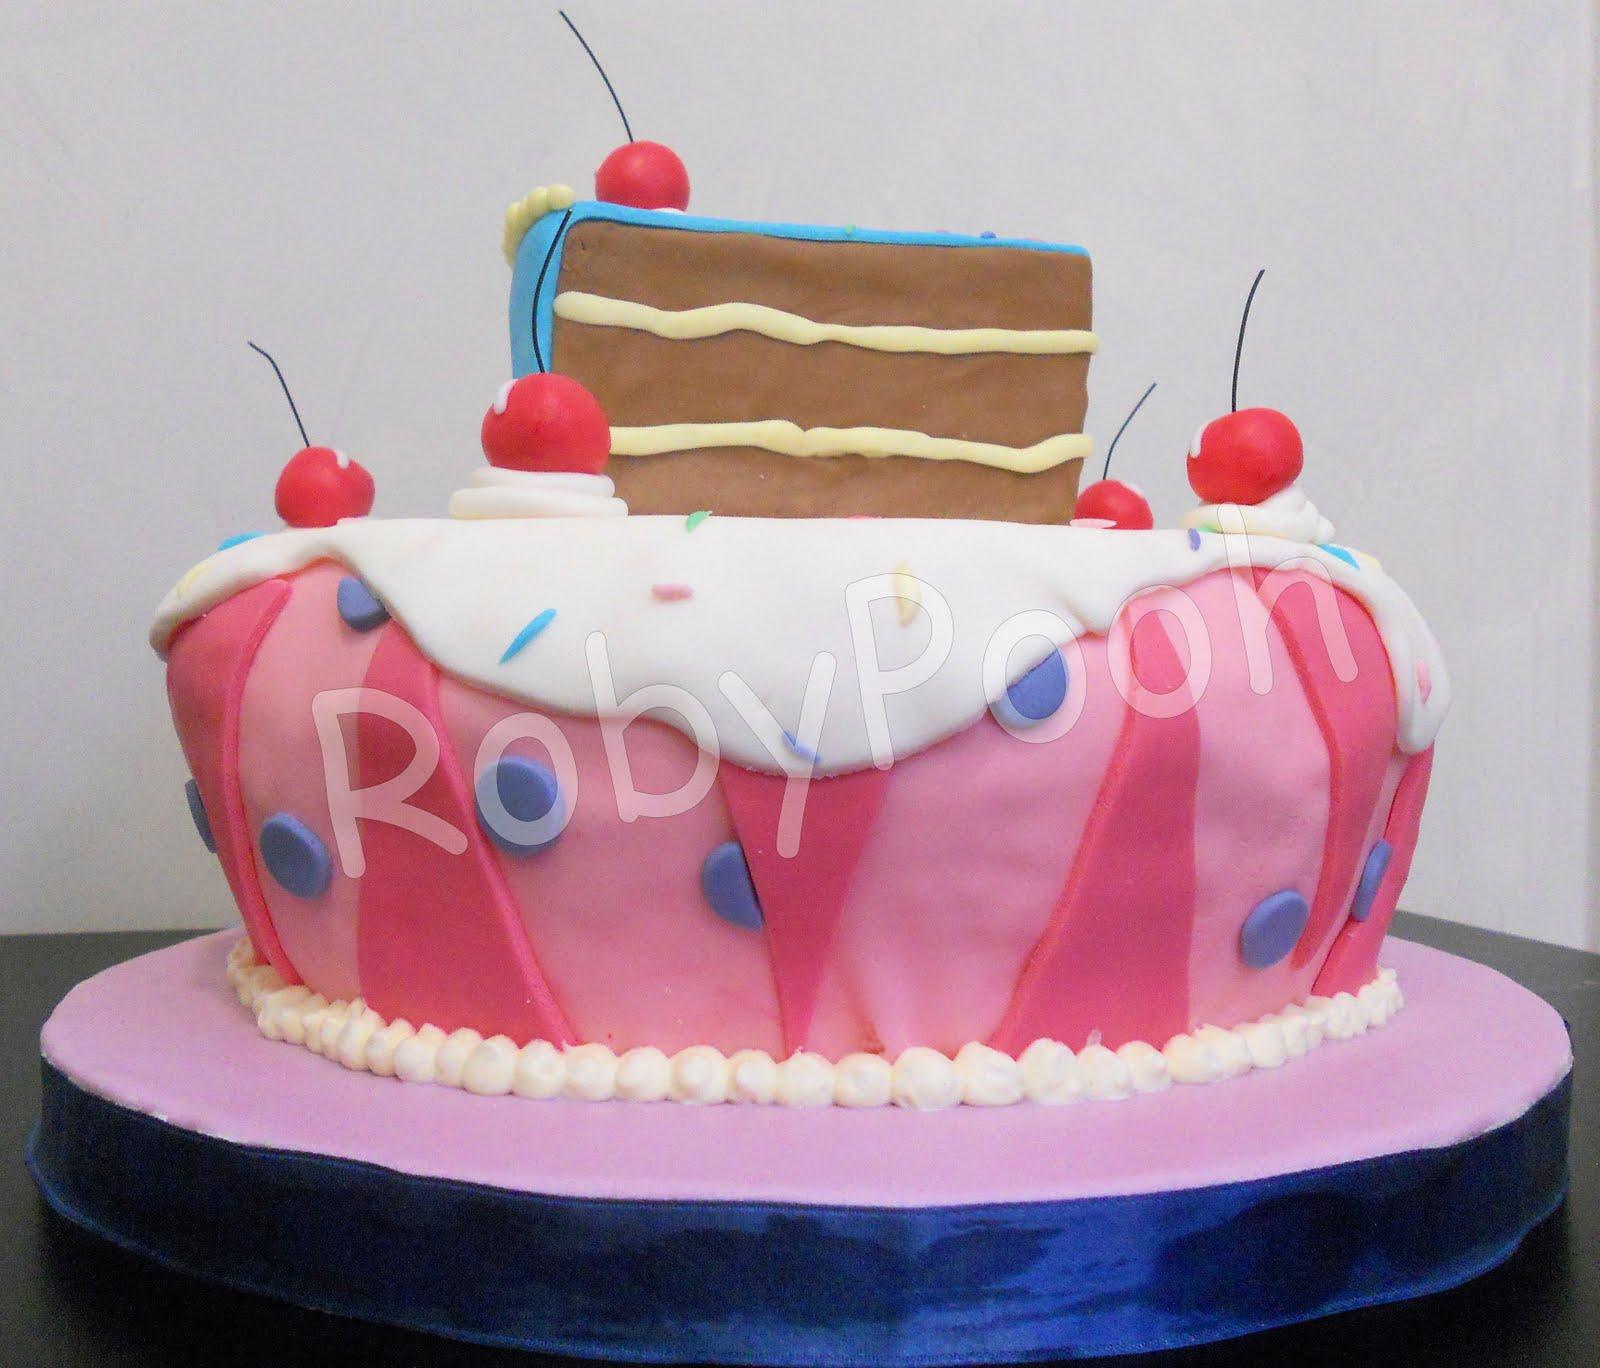 Franchising Cake Design Italia : Dolci&Delizie: Torte presentate al Cake design Italian ...